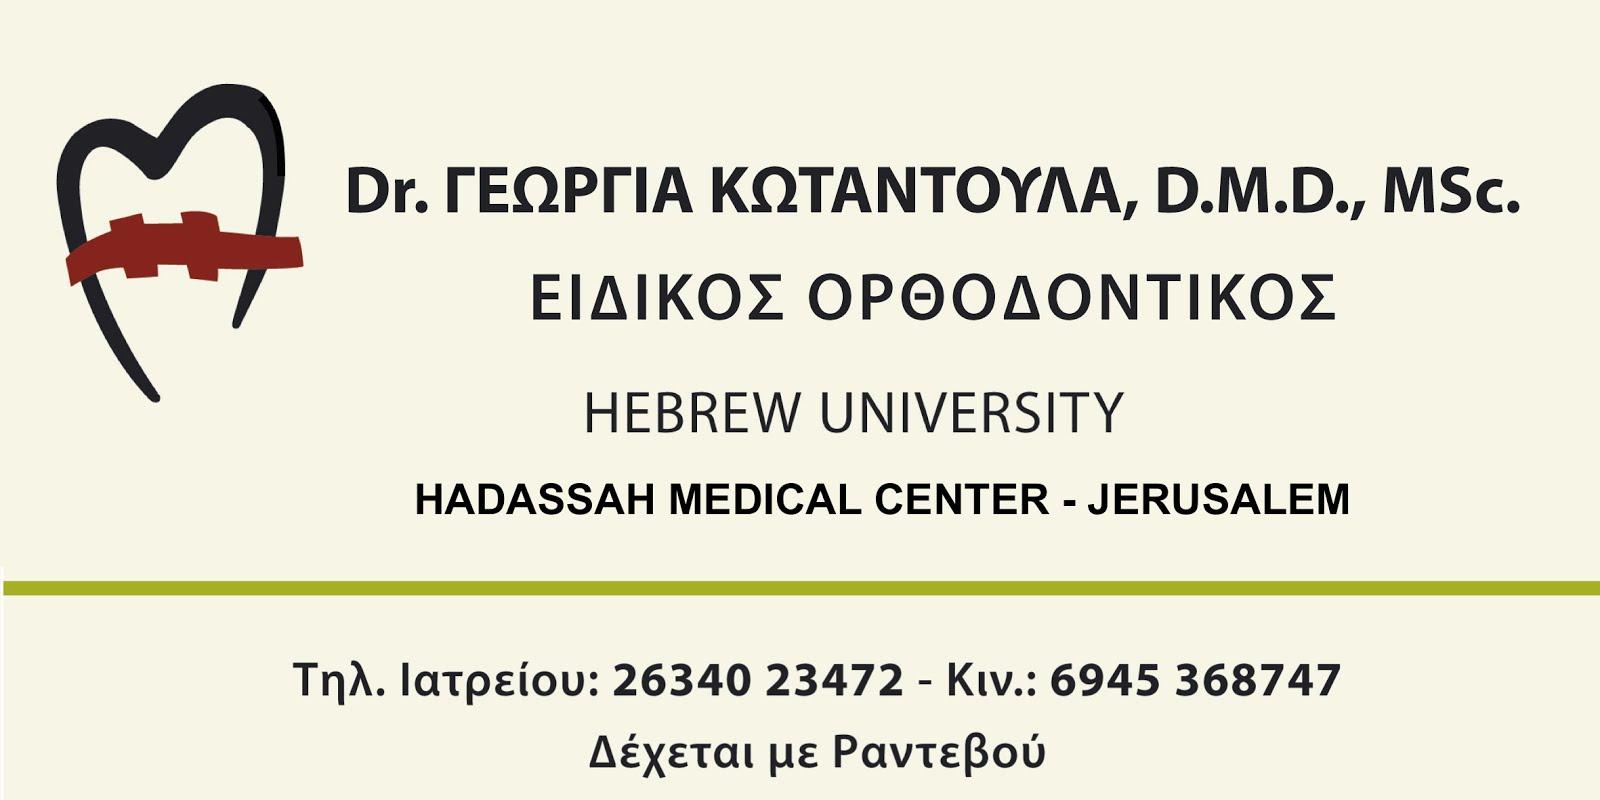 ΟΡΘΟΔΟΝΤΙΚΟΣ ΣΤΗ ΝΑΥΠΑΚΤΟ